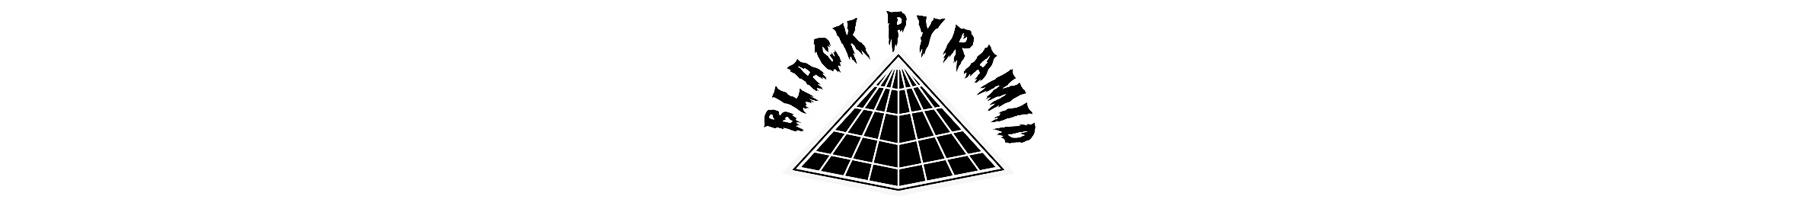 DrJays.com - Black Pyramid